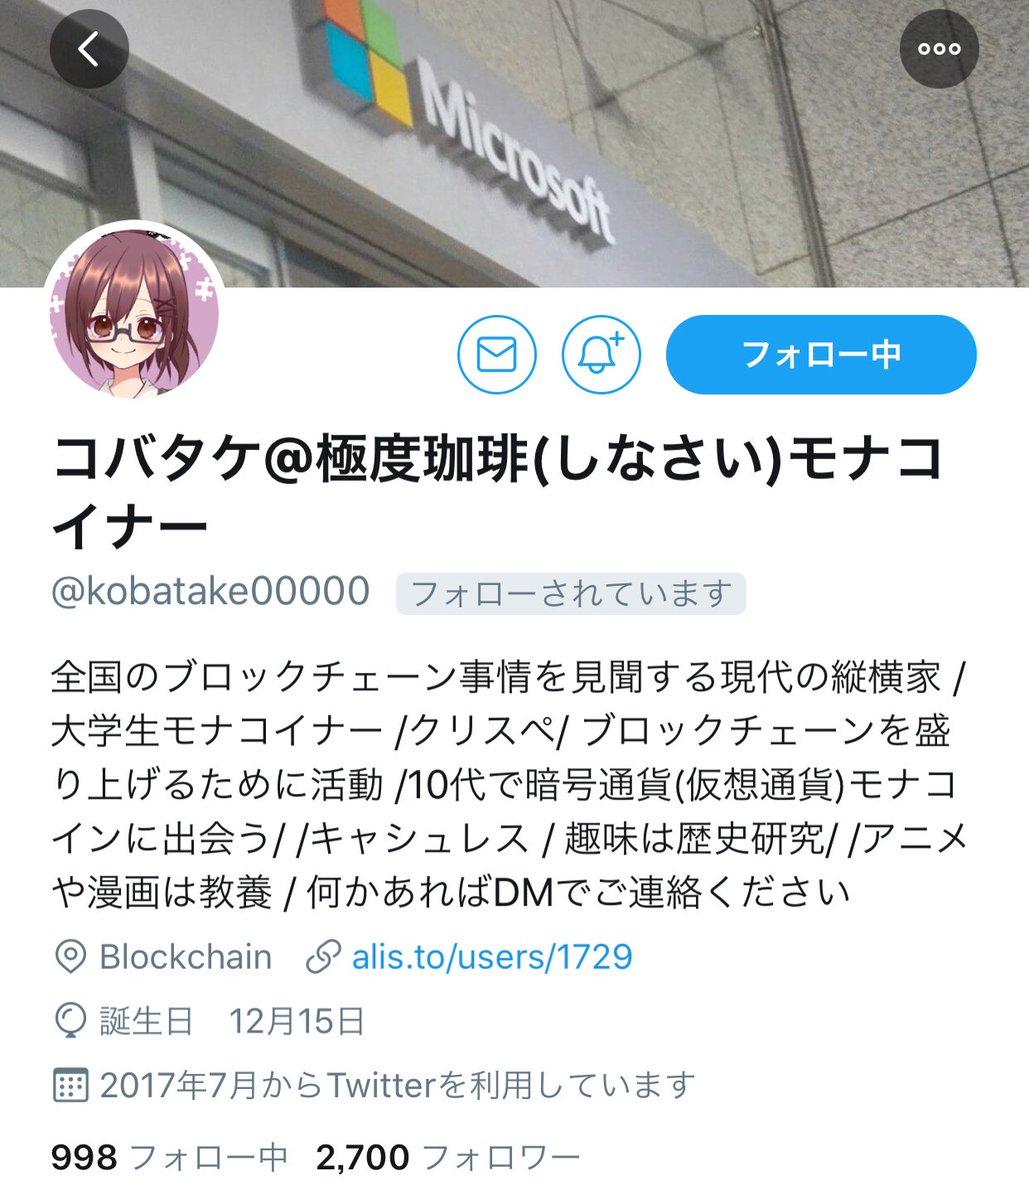 第4回のゲストはコバタケ( @kobatake00000 )さんです!モナコイン(#Mona)の魅力などお話頂くほか、仮想通貨を始めたきっかけや体験談、現在活動している事などお話頂きます♫みなさん是非、聴きに来てください!(8月2日21:00~)